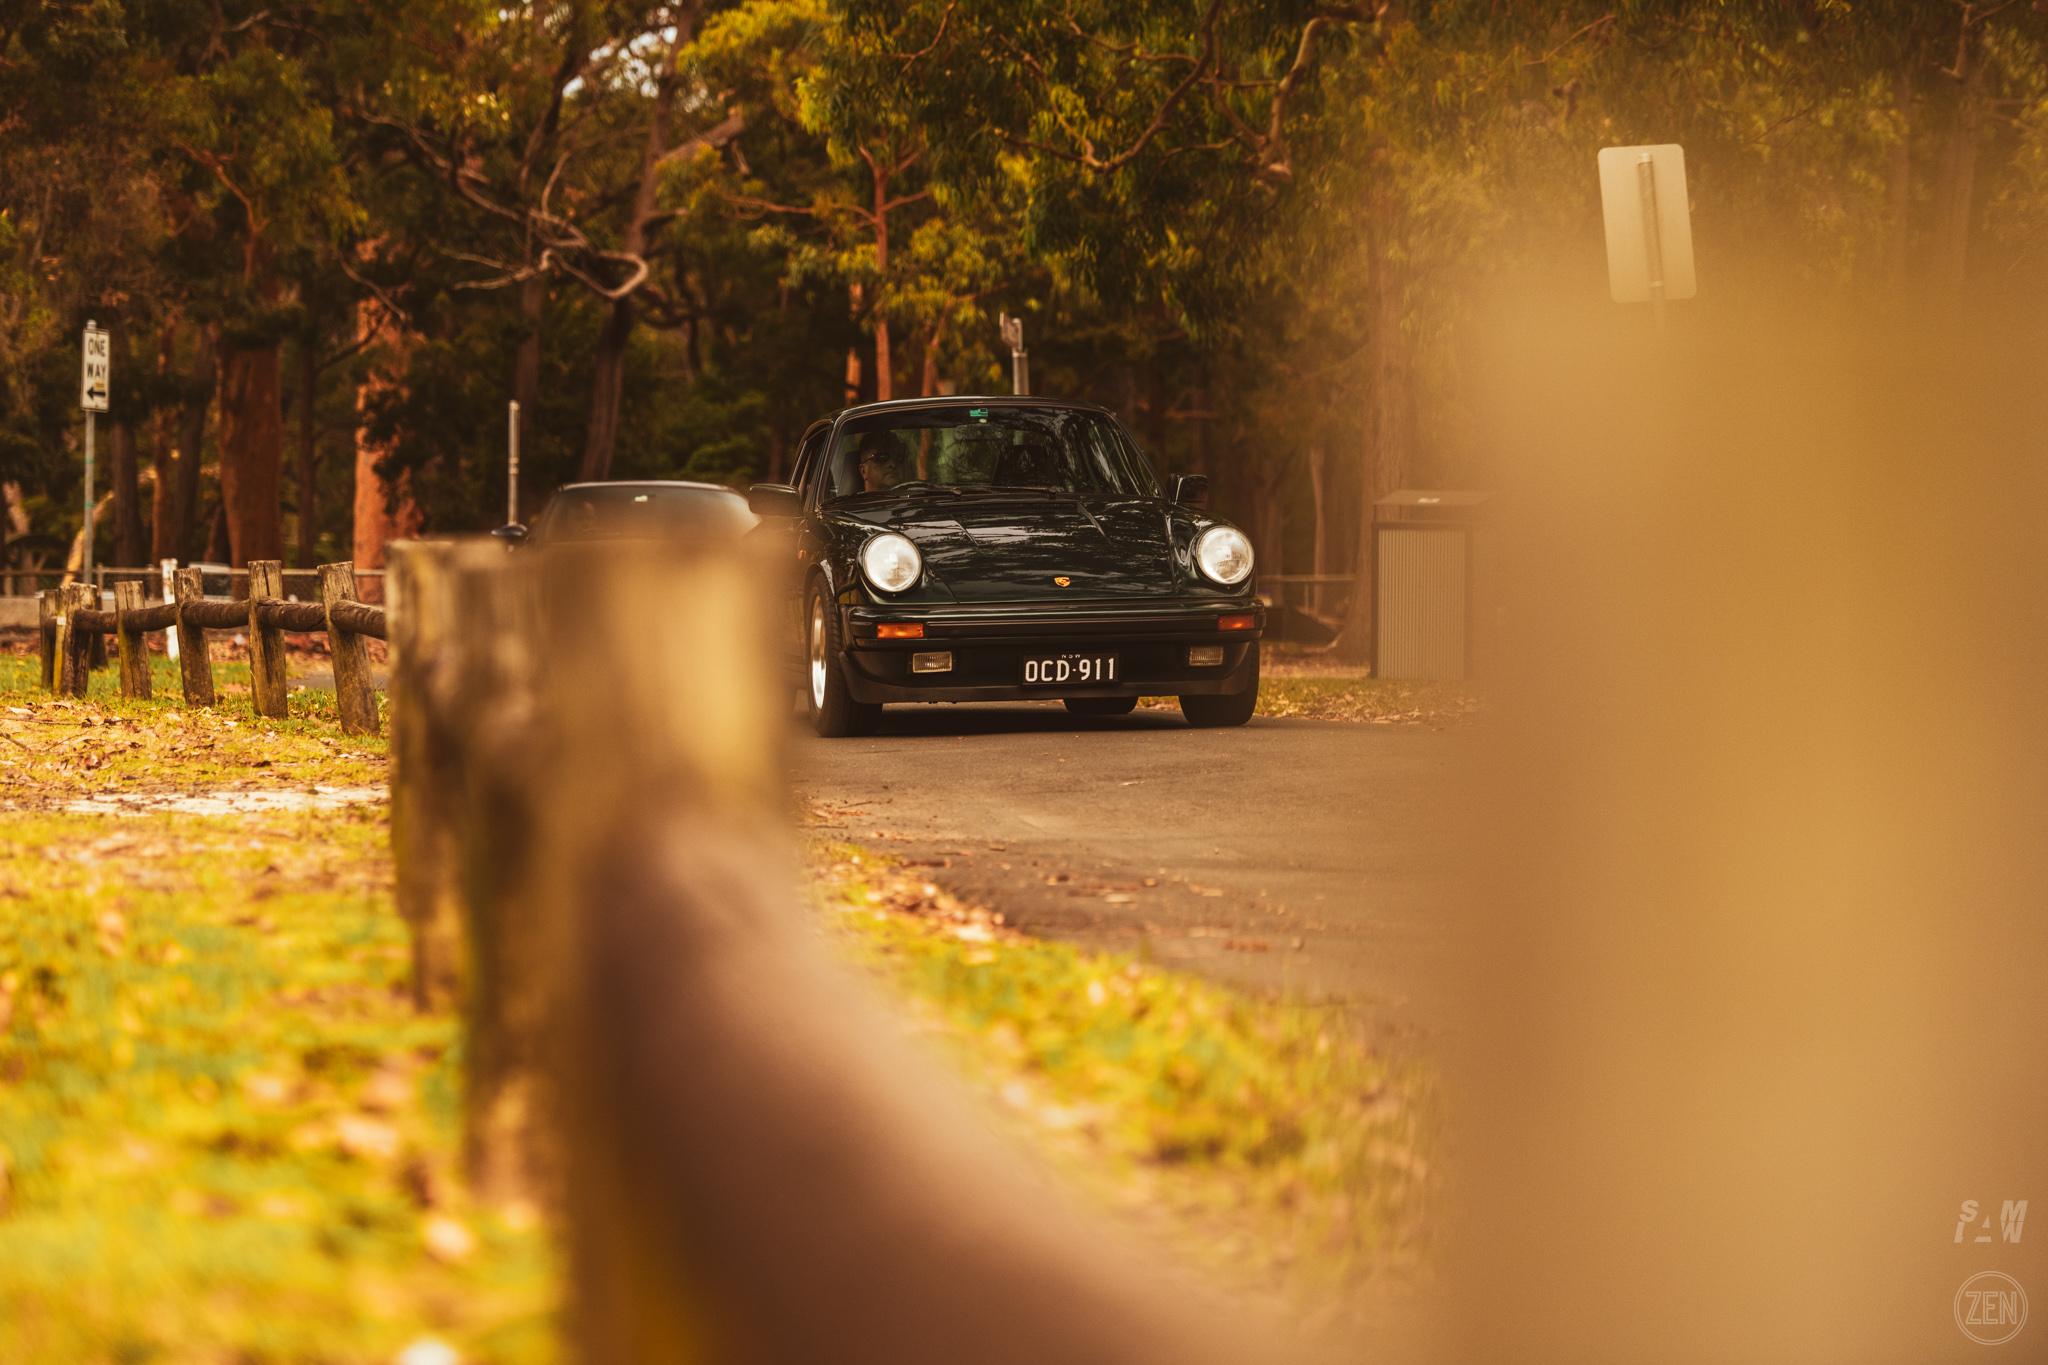 2019-12-08 - Porsches & Coffee 009